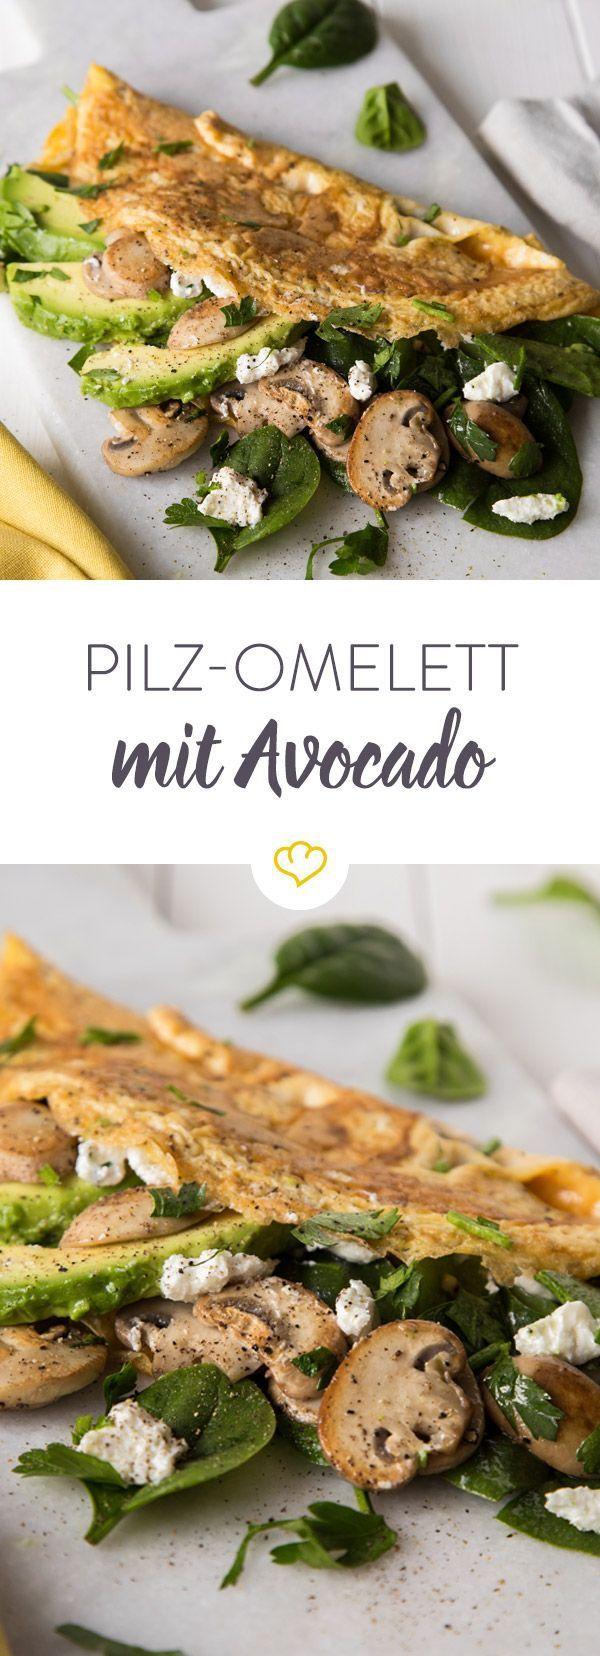 Fast mushroom omelette with goat cream cheese and spinach   - Sonntagmorgen im Bett - Frühstück! -